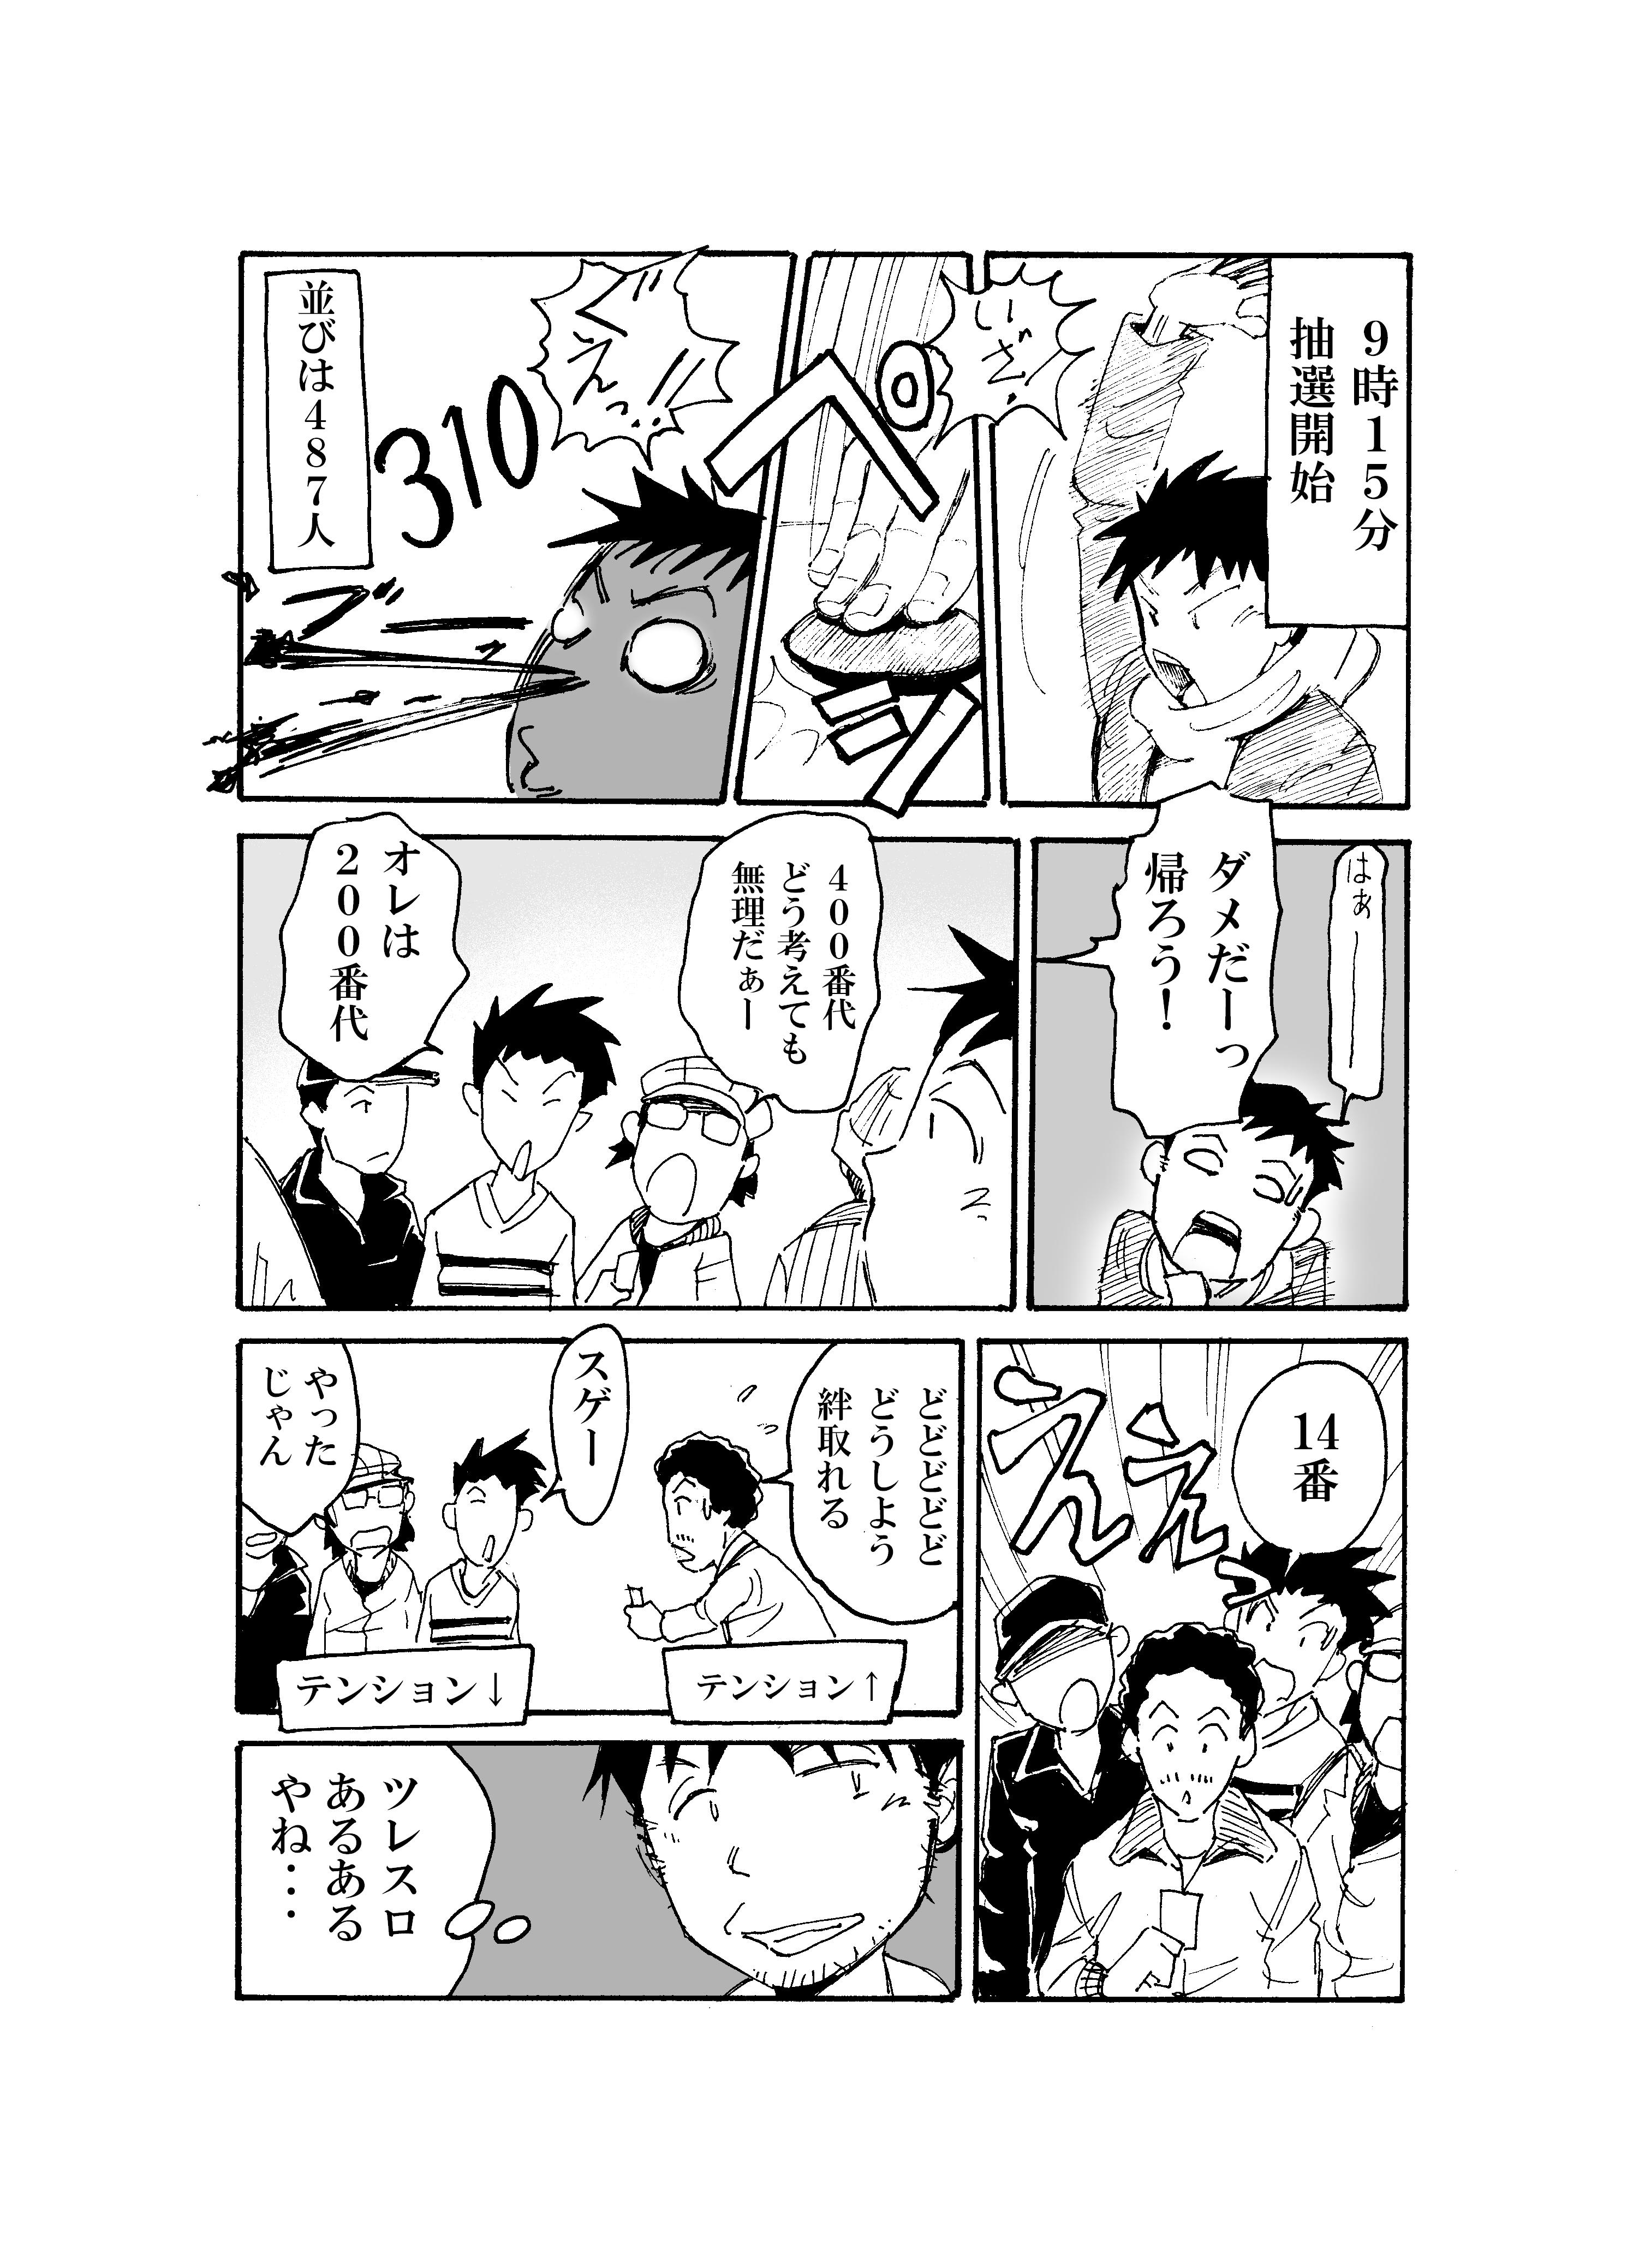 11月1日ワンチャンス②